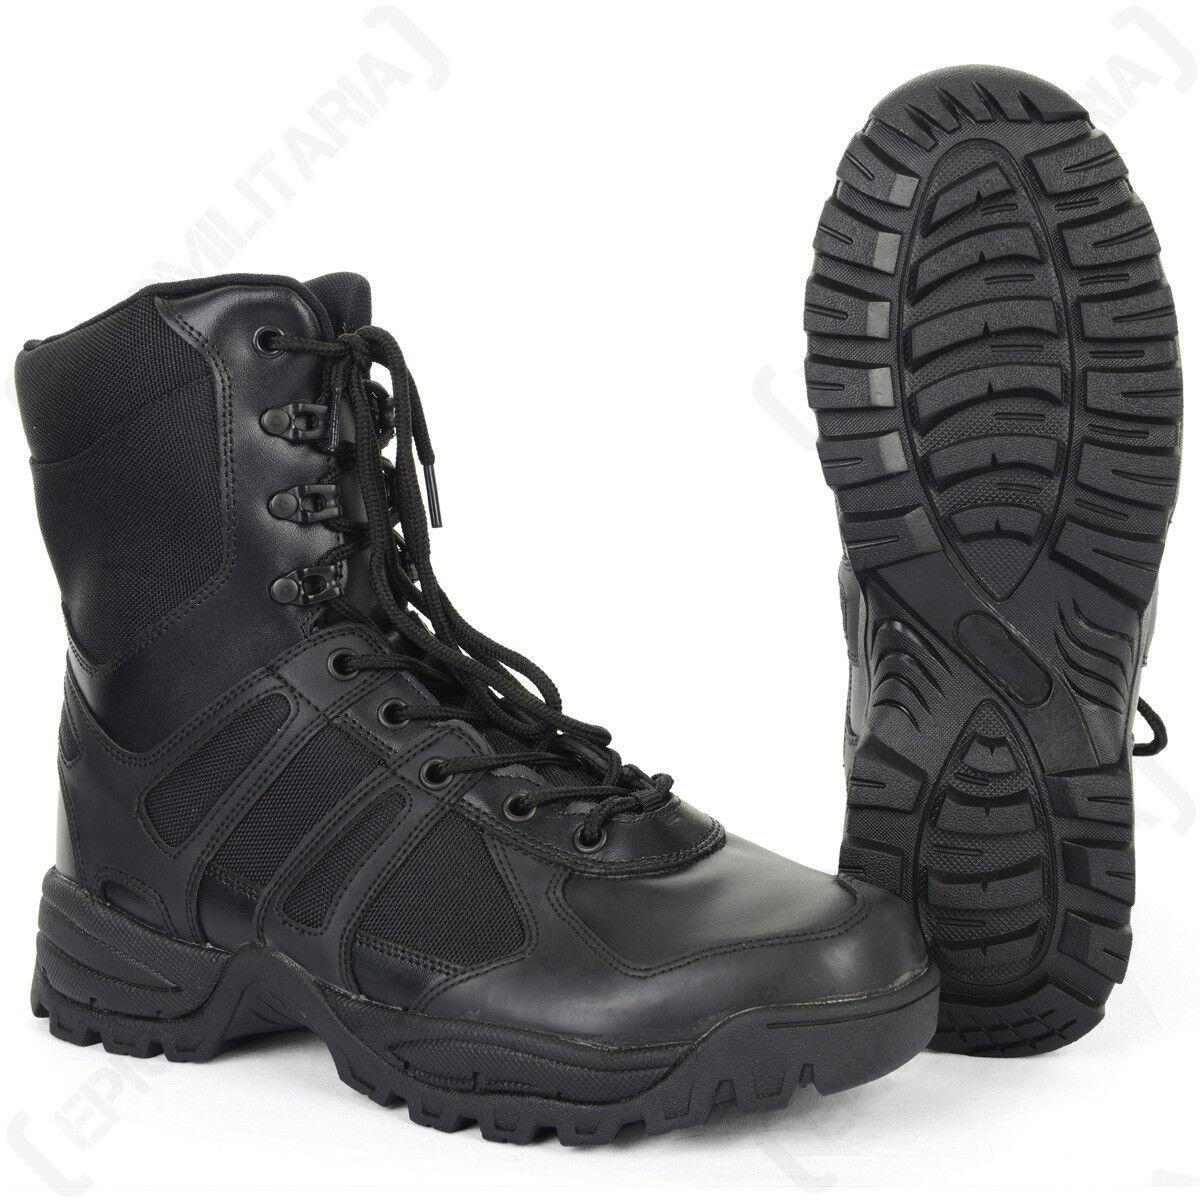 Stivali Neri Combat-Militare dell'Esercito Cadetti Scarpe Da Sicurezza Lavoro Escursionismo tutte le taglie